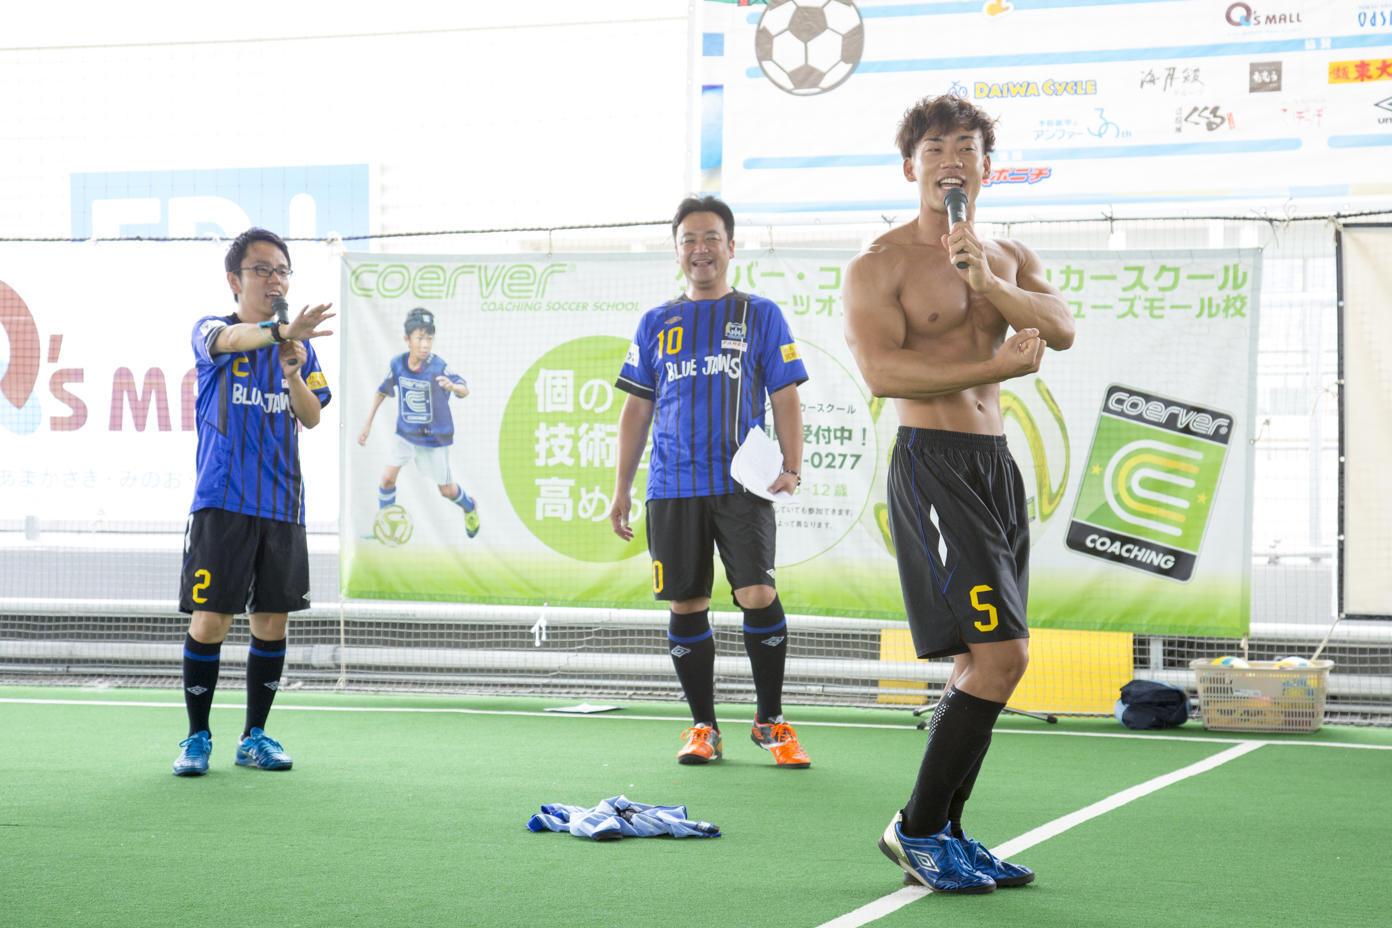 http://news.yoshimoto.co.jp/20170802174300-3e433a49caa5ea8440639f9d31a4d1548c24b730.jpg